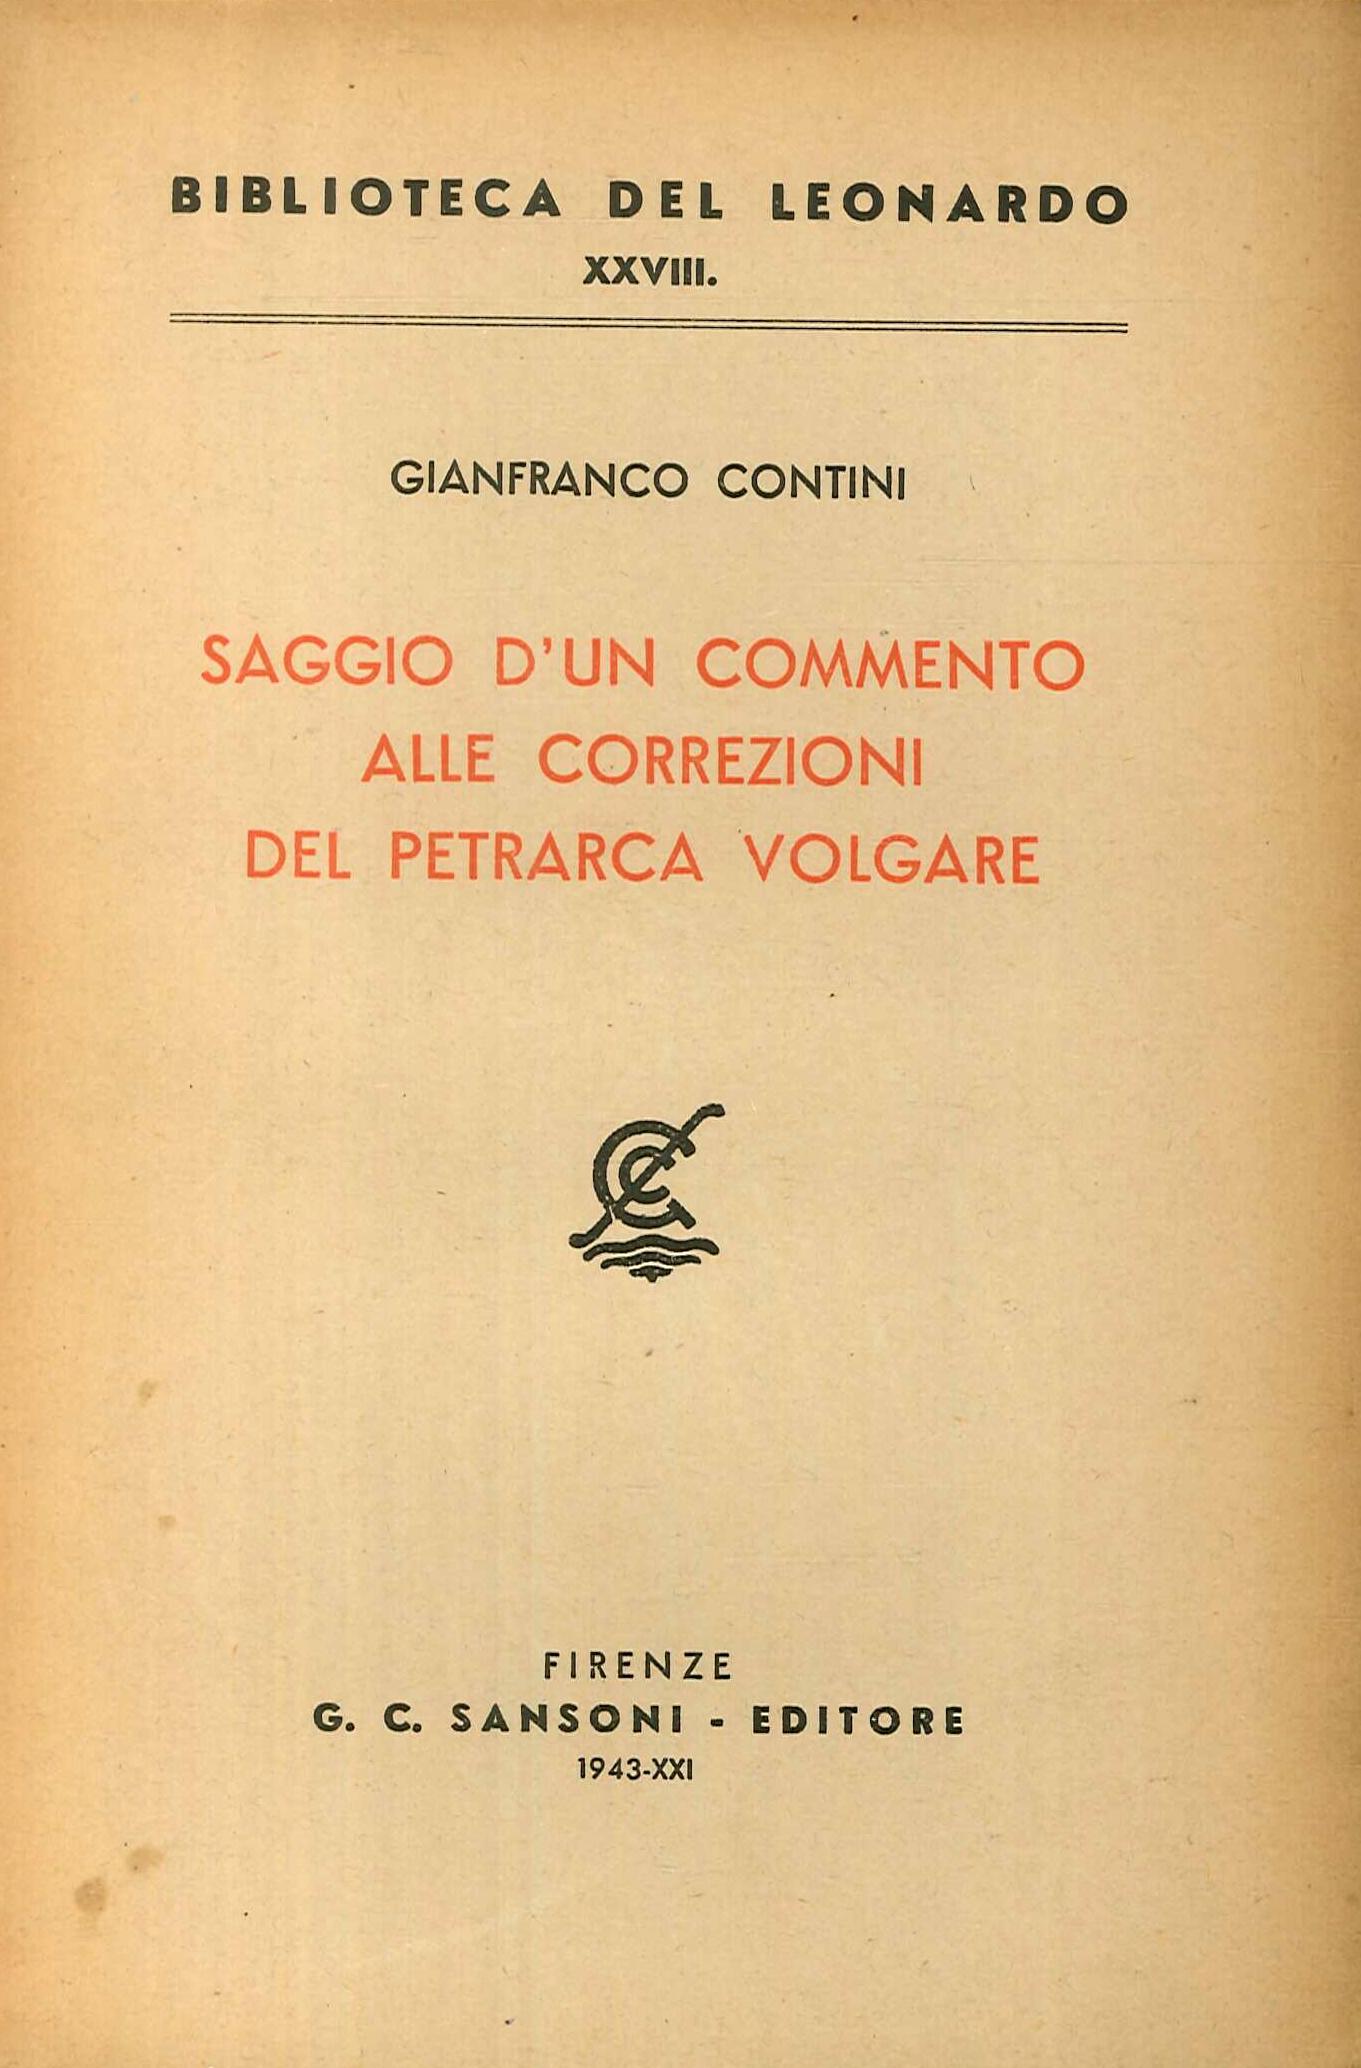 Saggio d'un commento alle correzioni del Petrarca volgare.